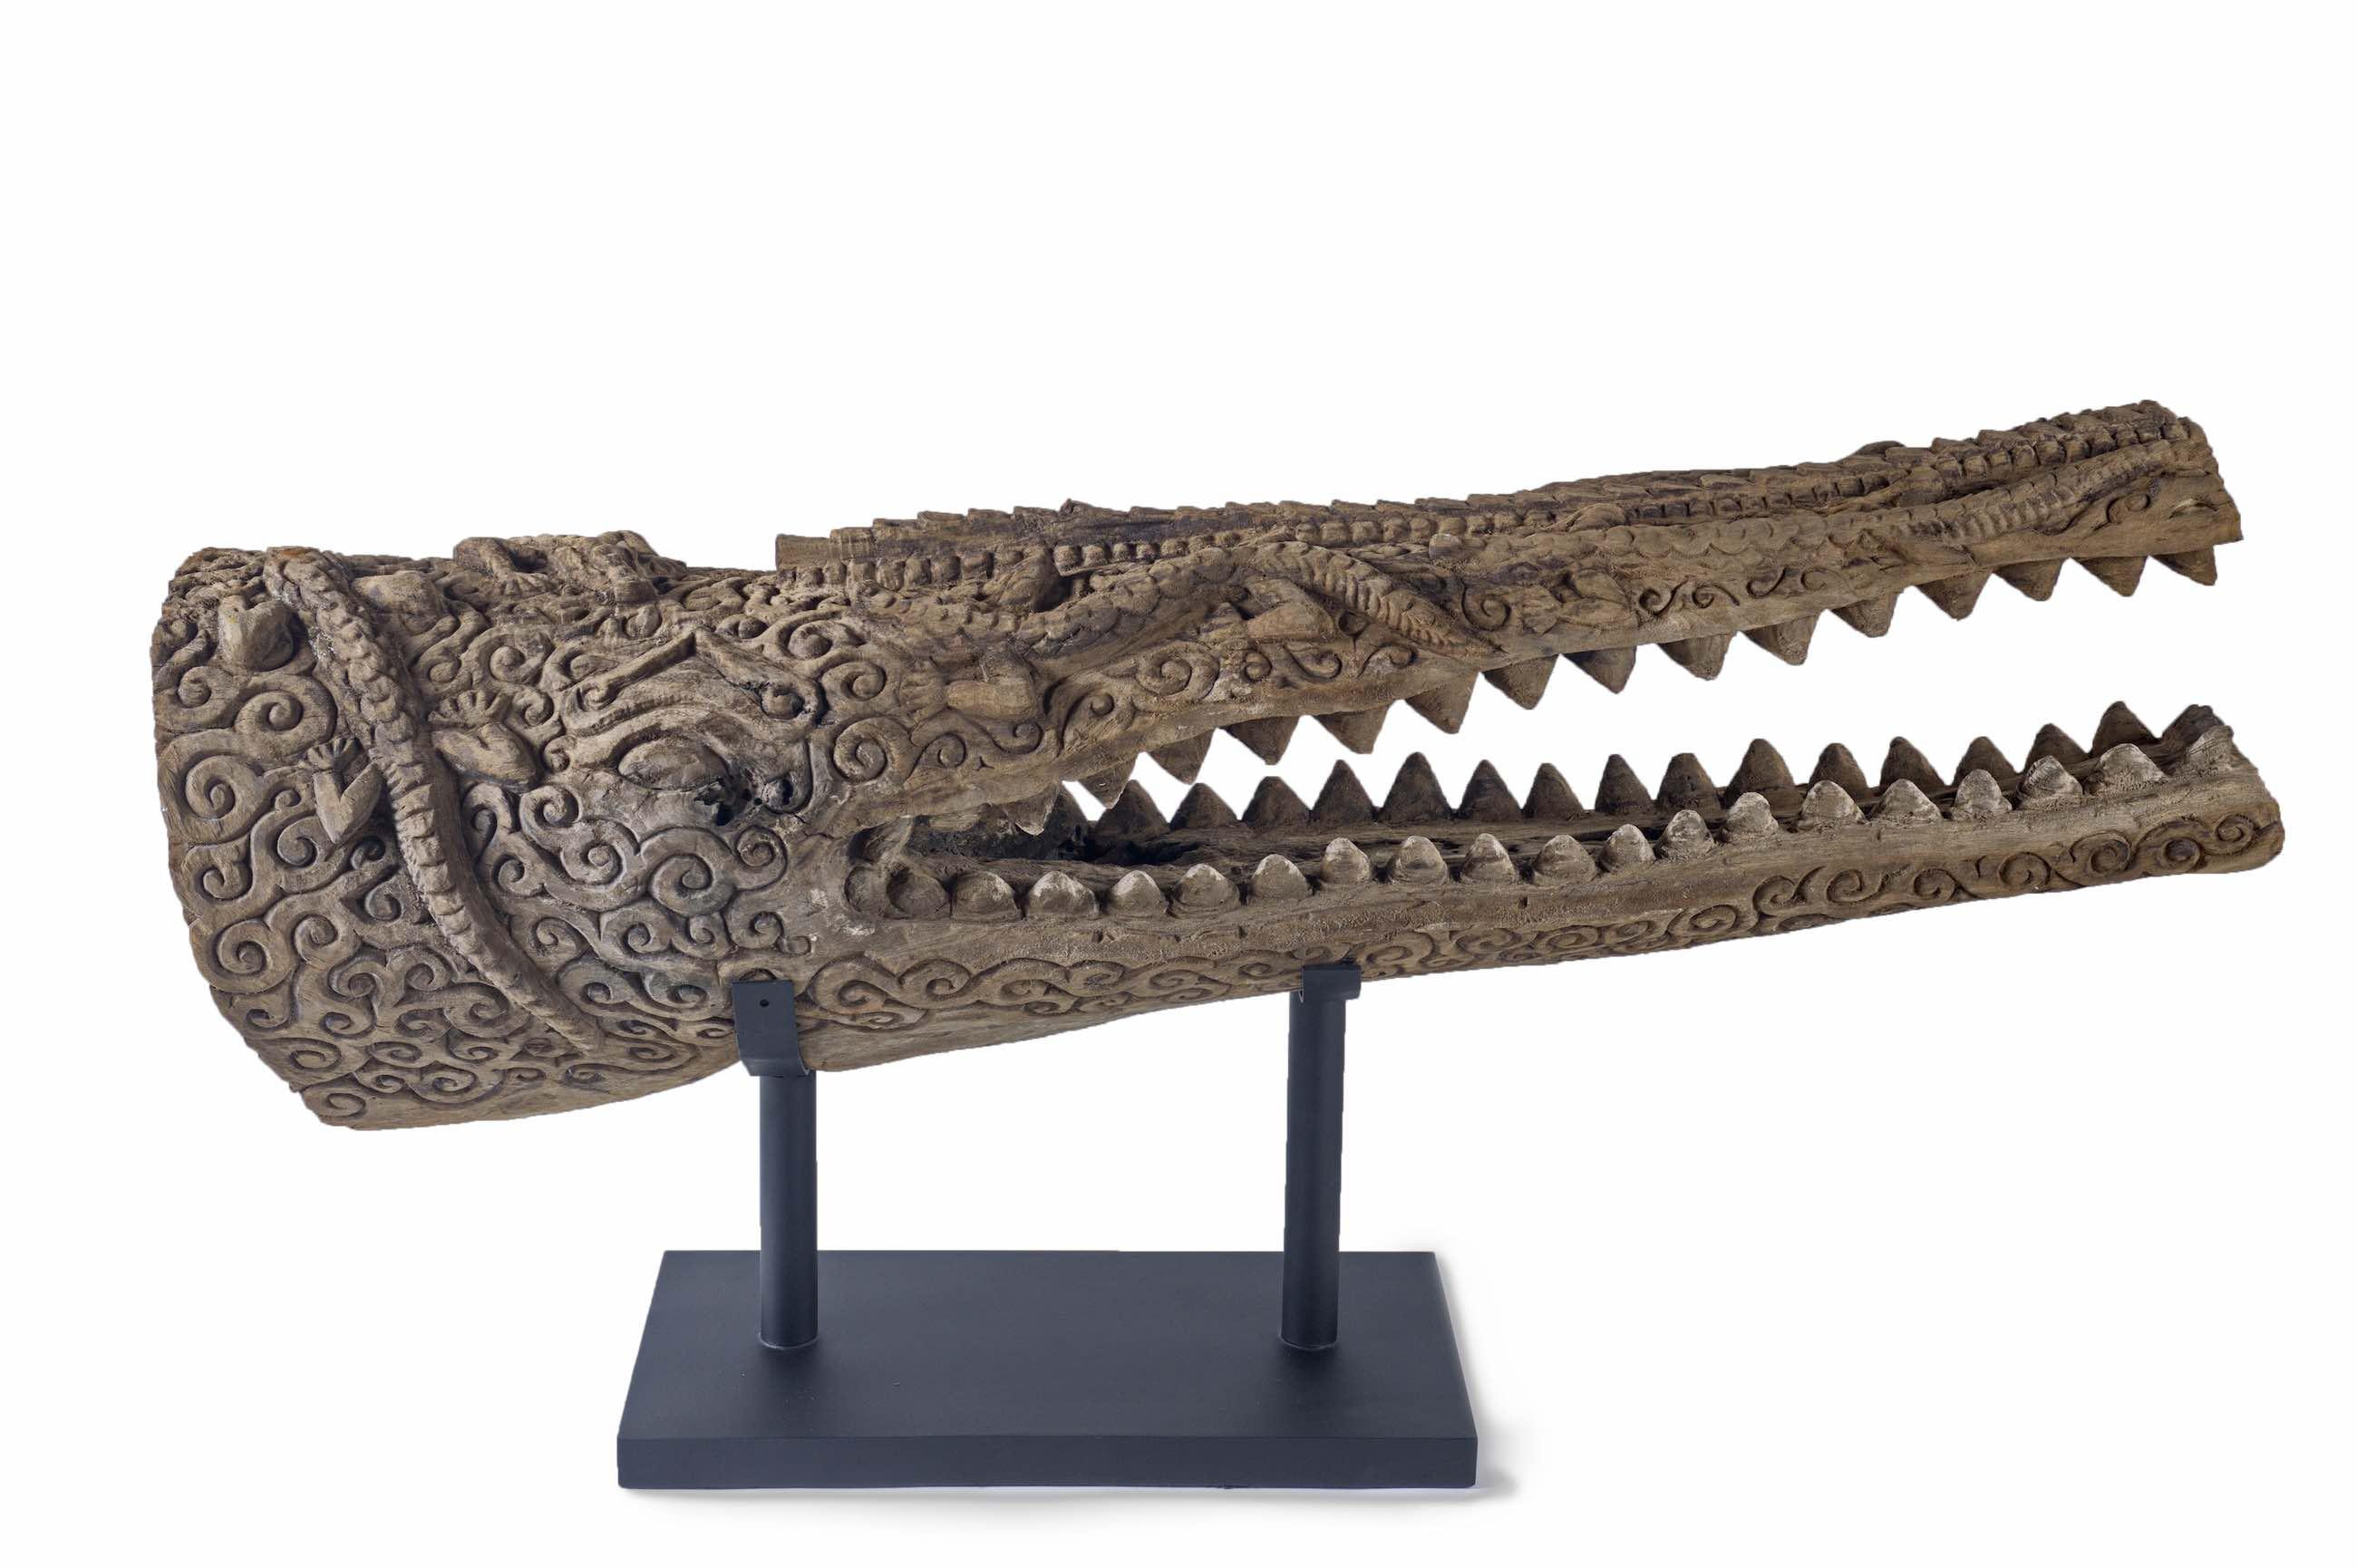 Skulptur Krokodilkopf